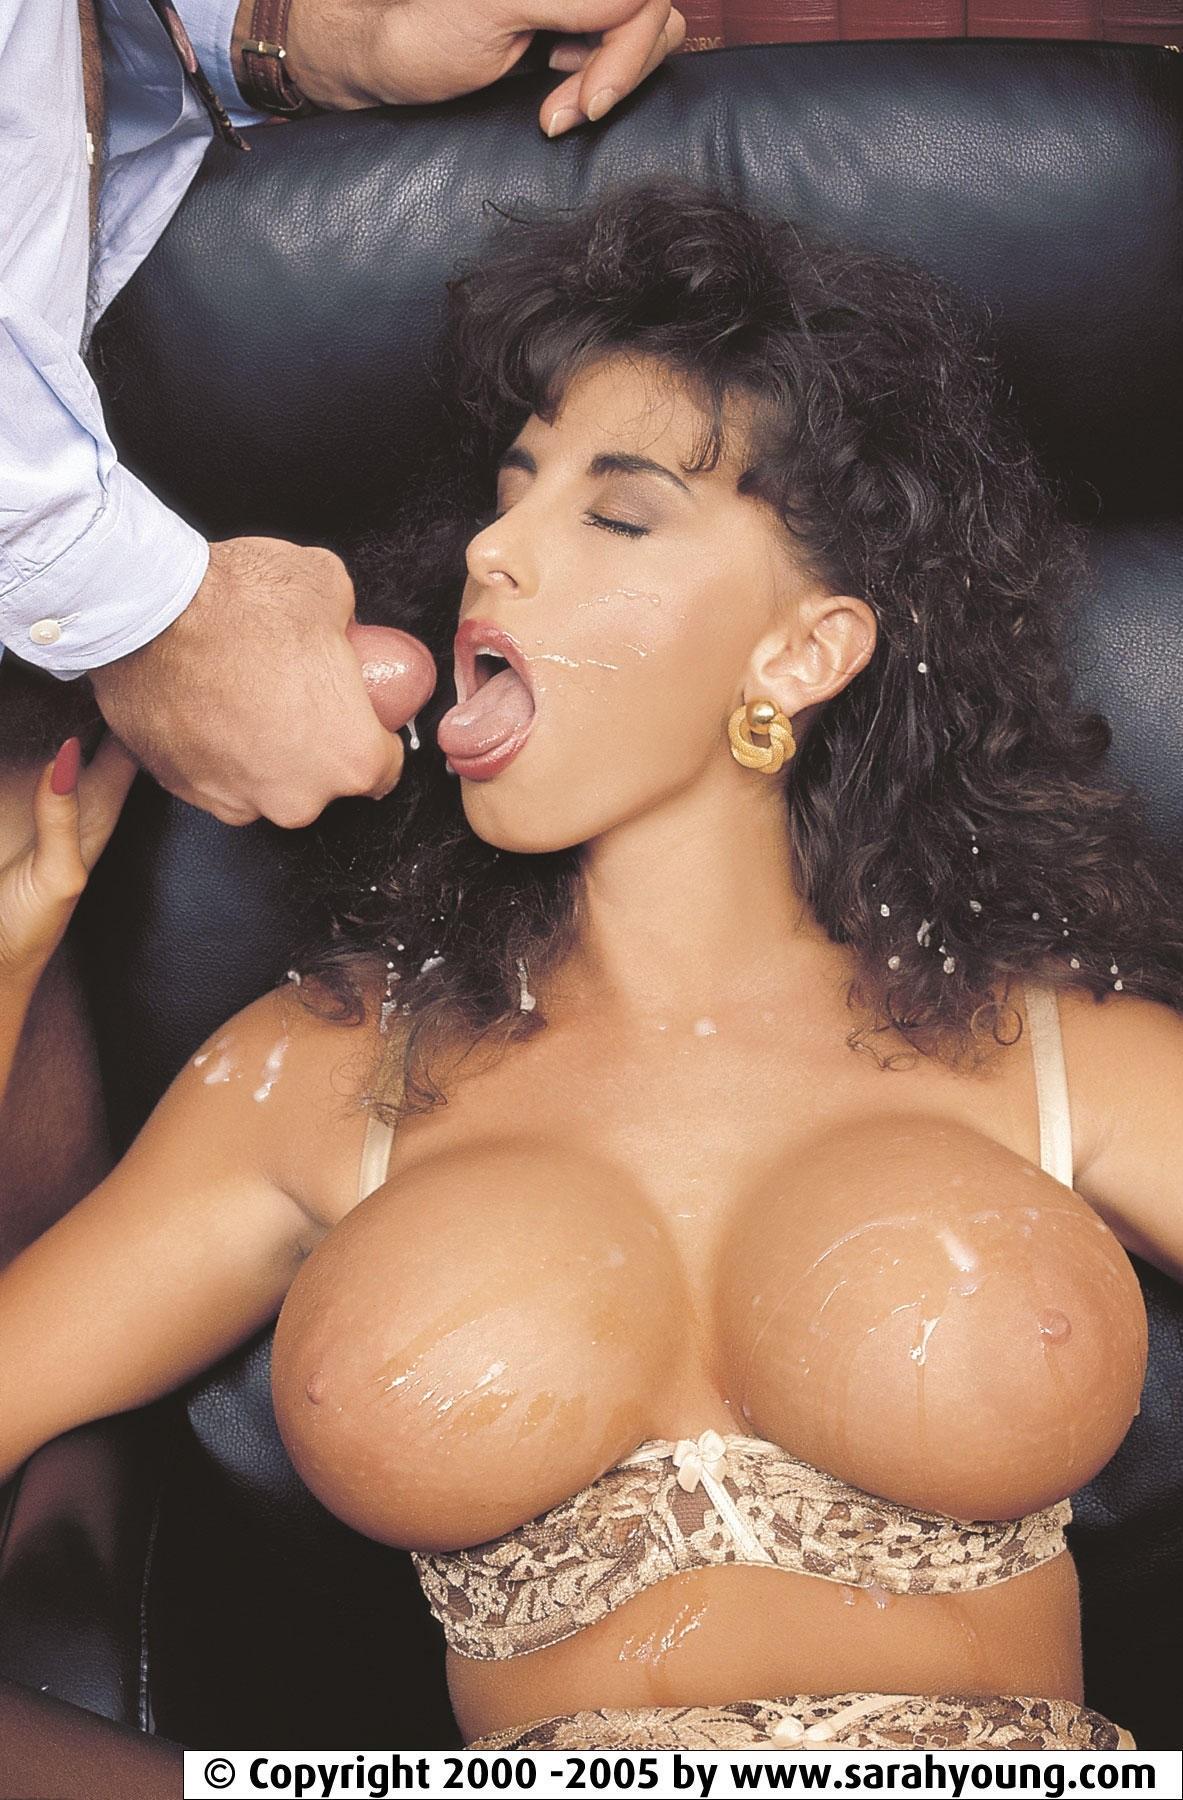 Просмотр порно сары янг 6 фотография